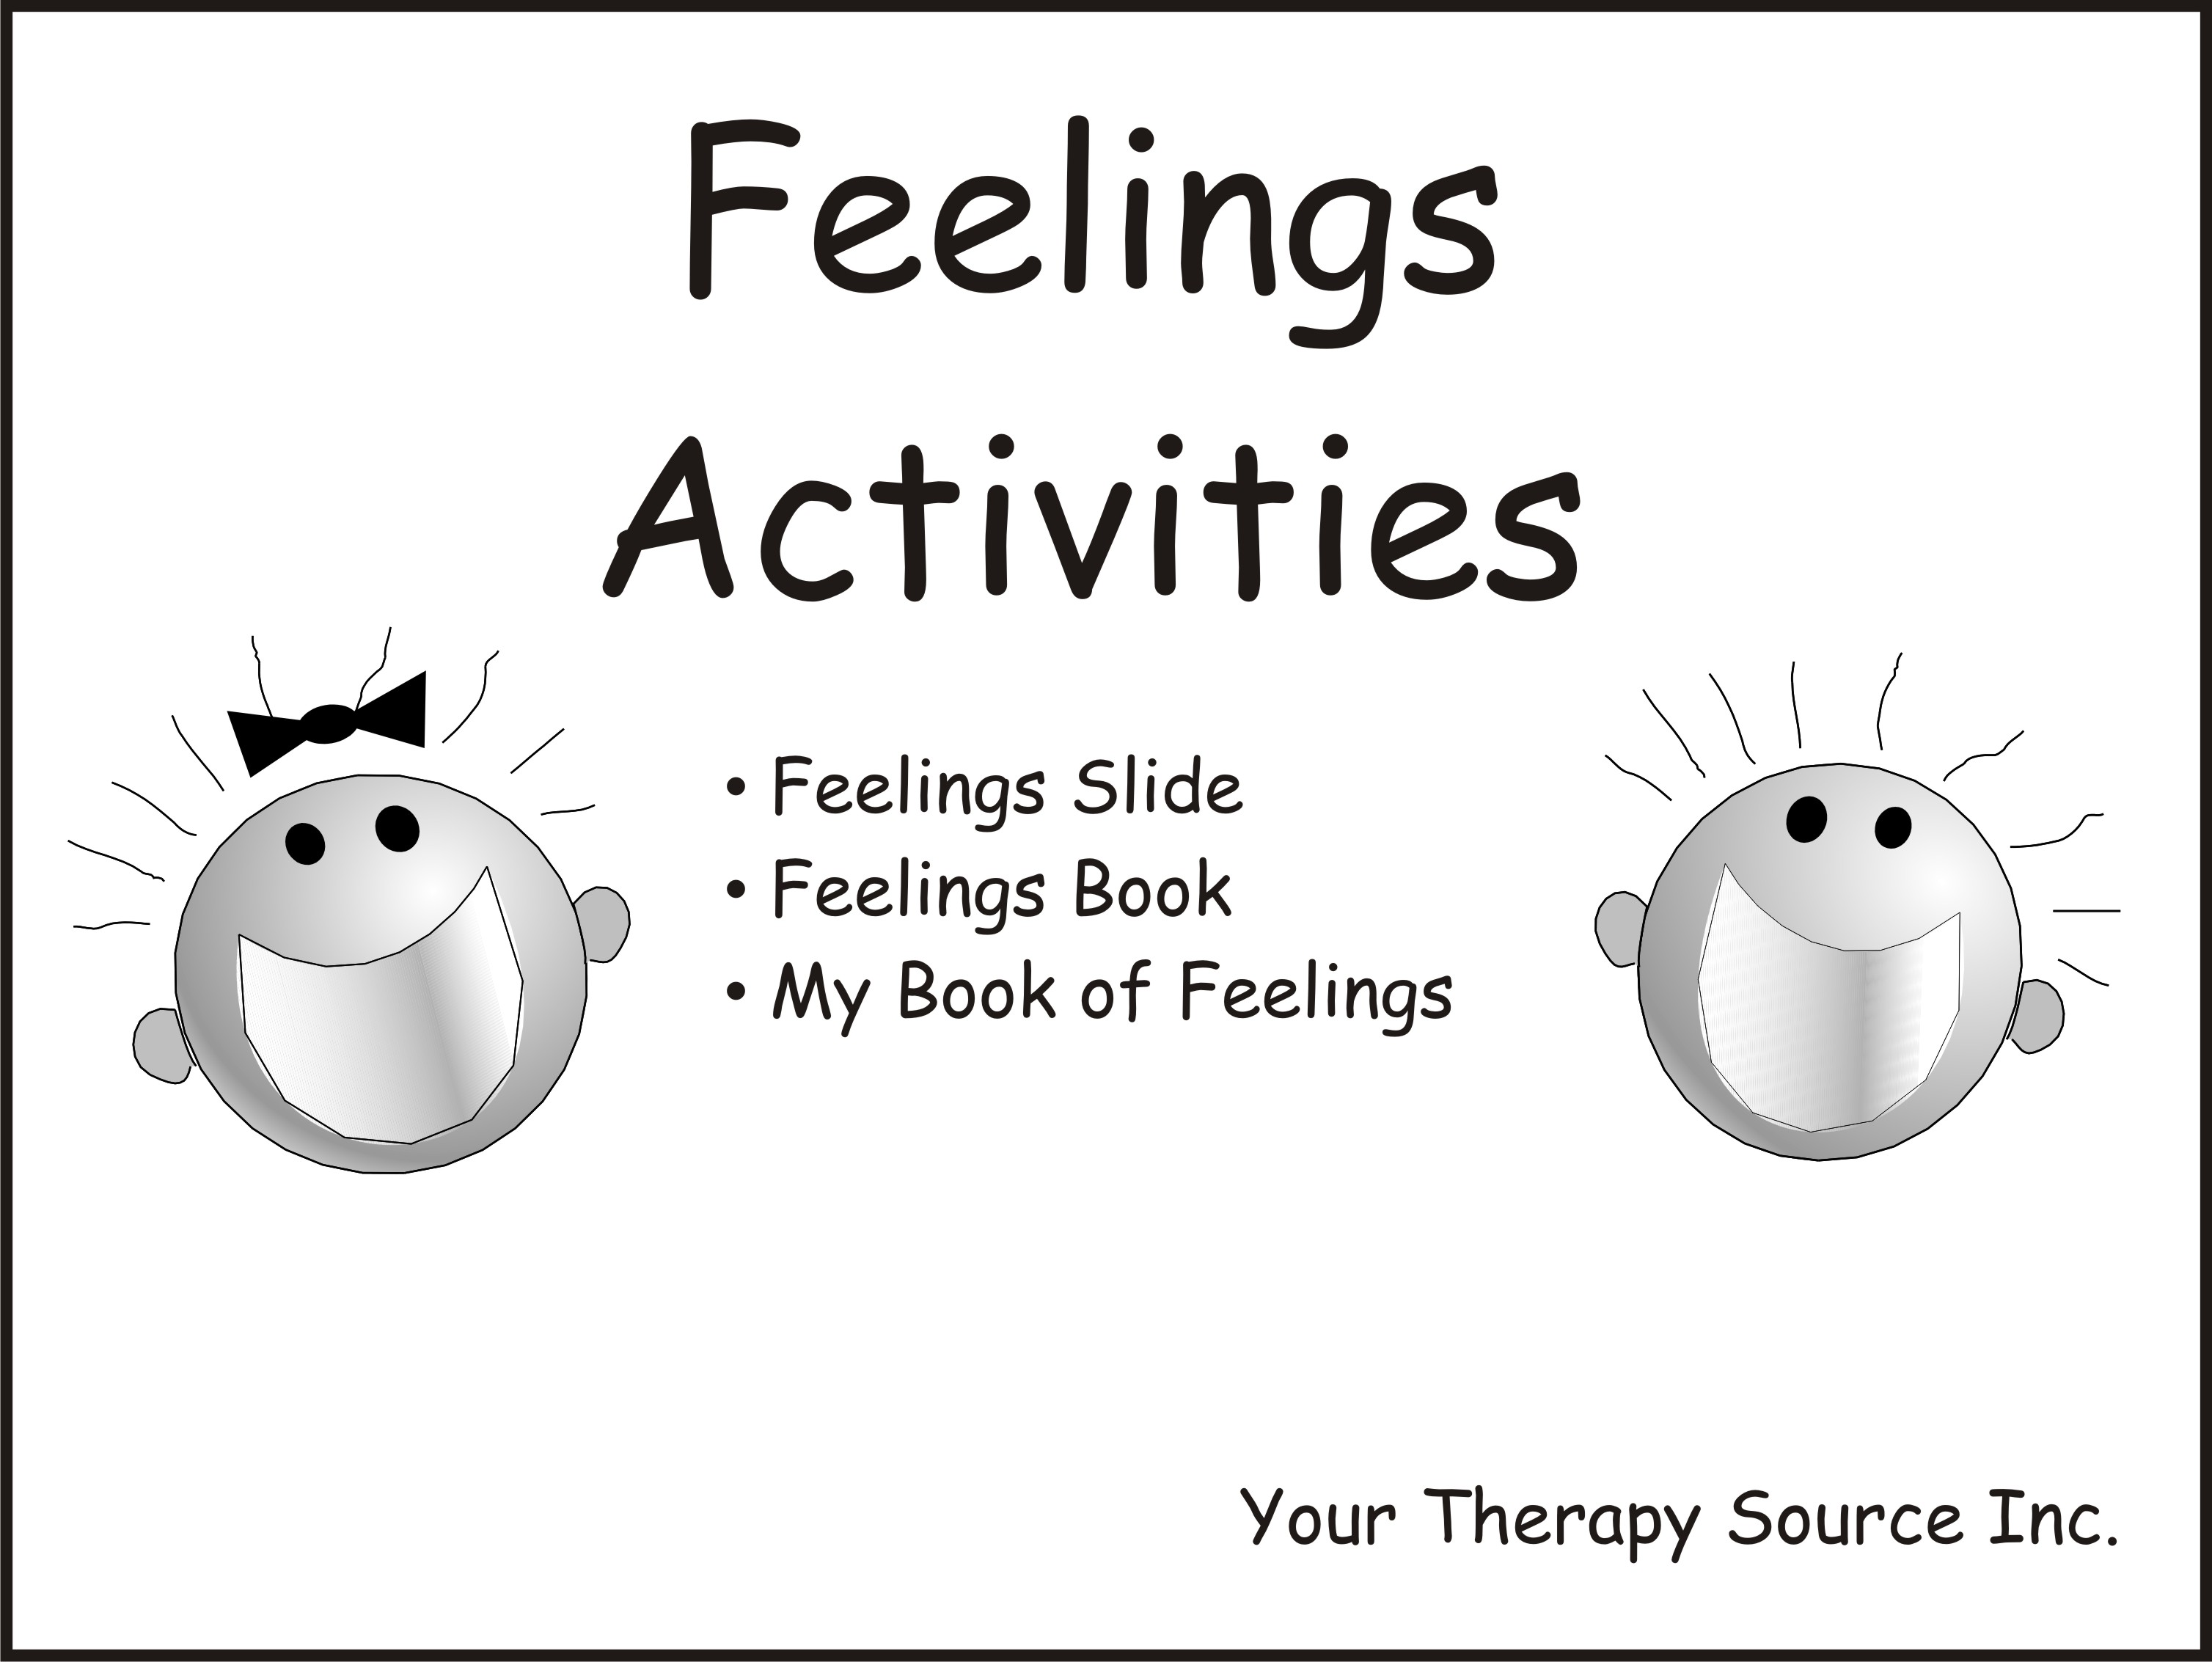 graphic regarding Feelings Book Printable named Emotions Functions